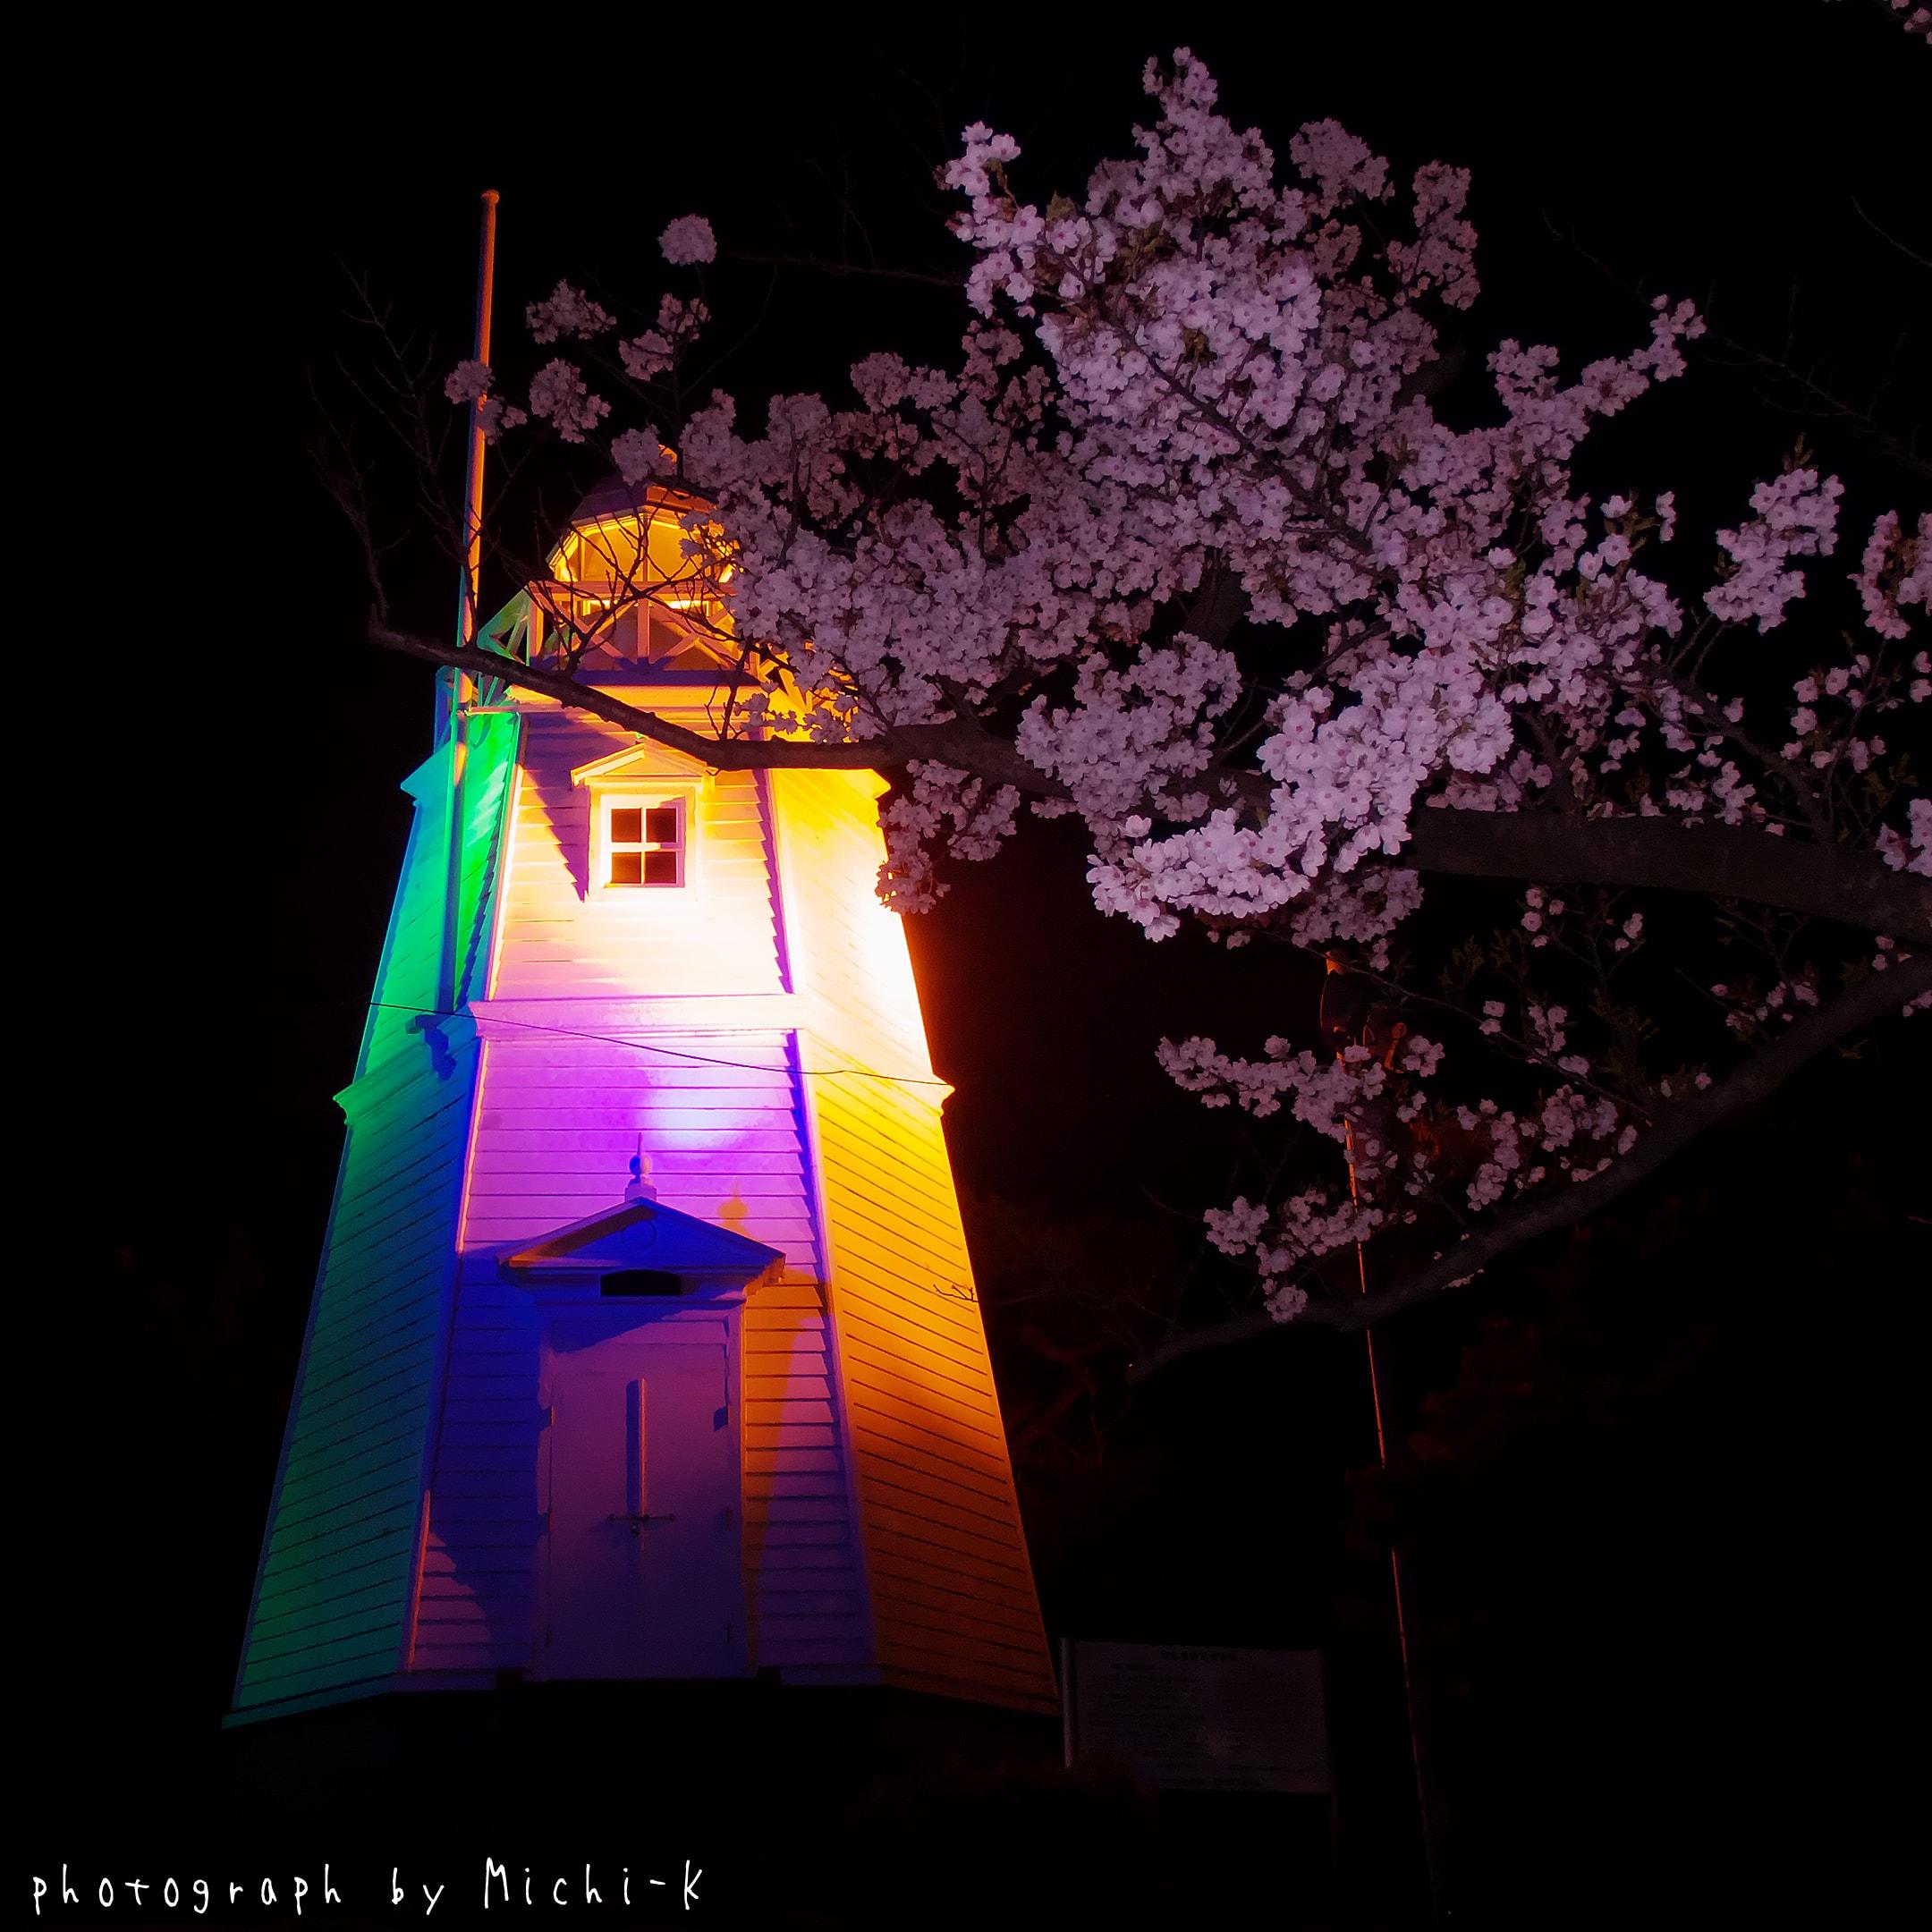 山形県酒田市-日和山公園-六角灯台と夜桜